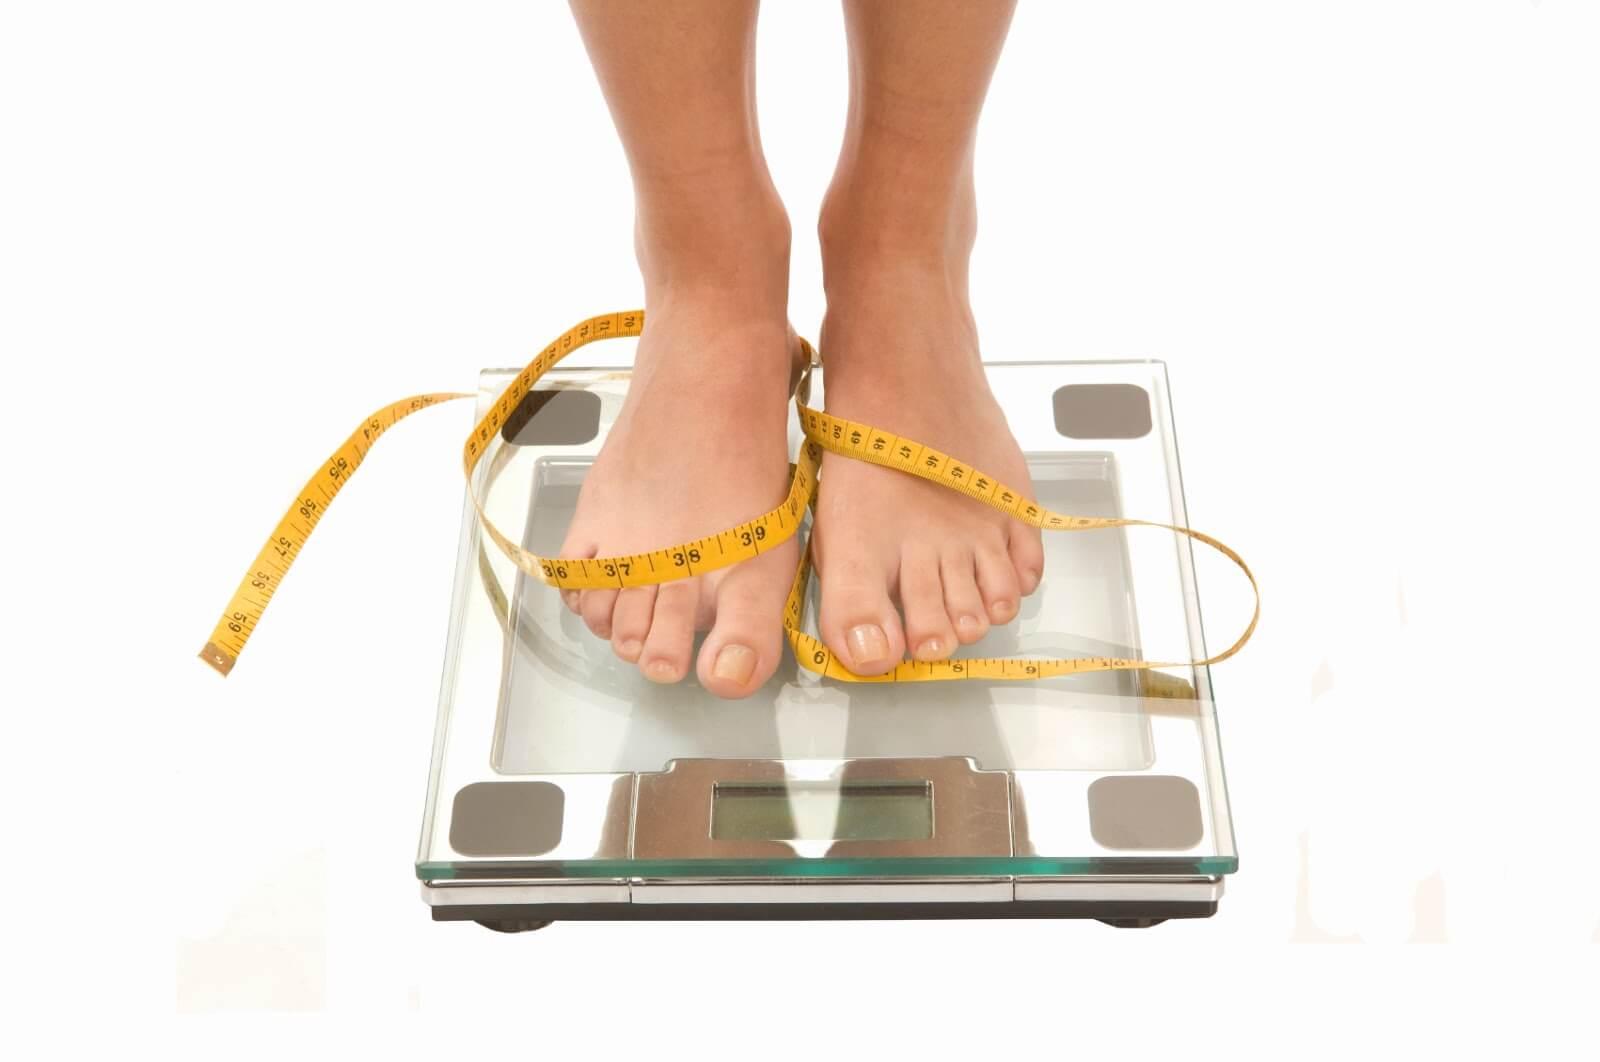 Chỉ cần giảm 3% cân nặng cũng có thể cải thiện béo phì và tiểu đường 1